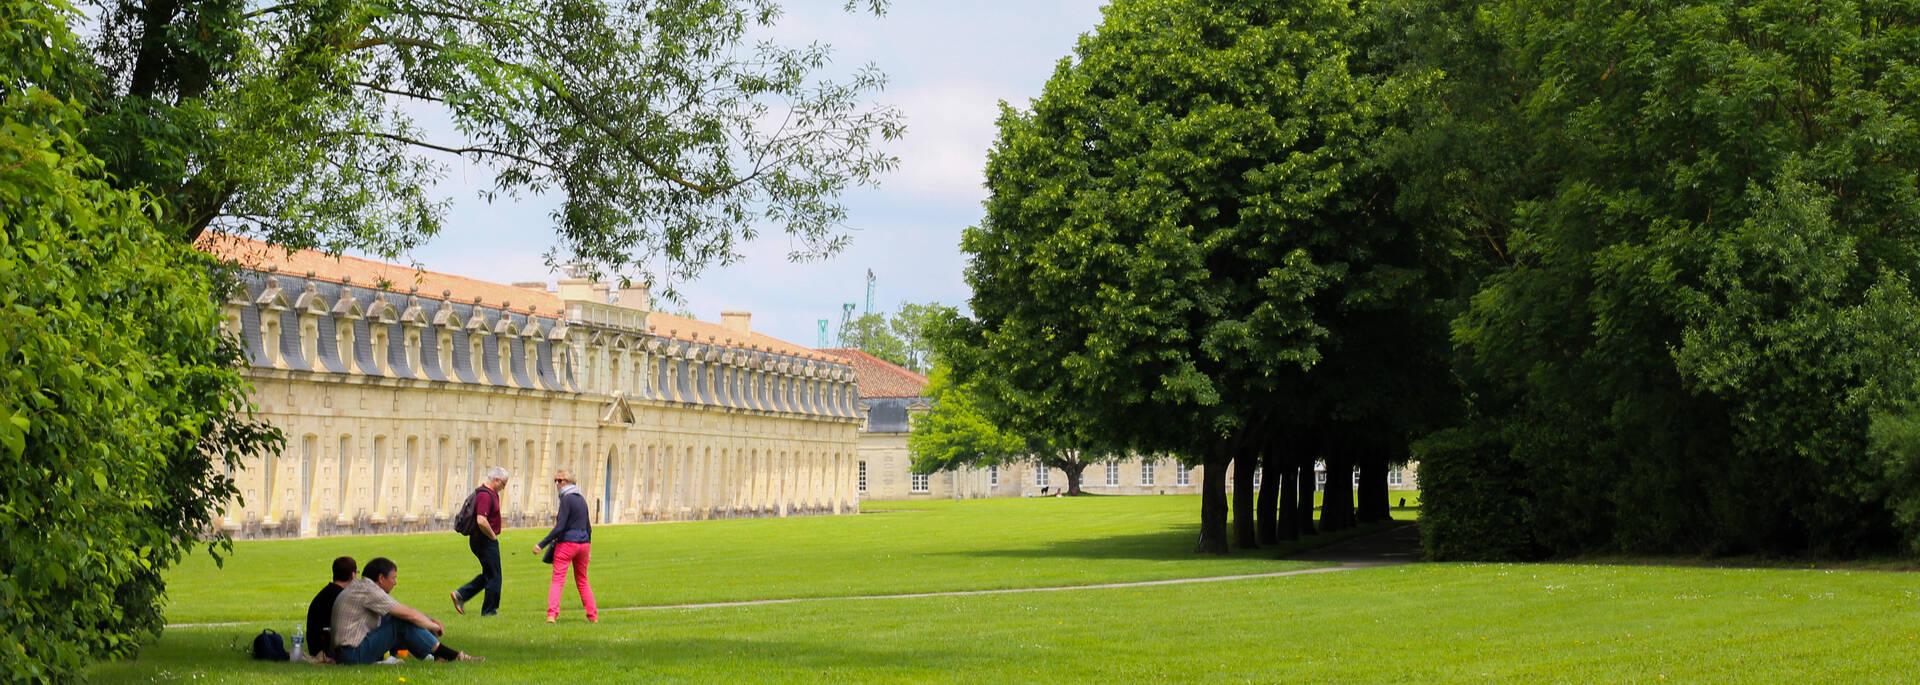 Invitation à la promenade et à la détente dans les jardins de la Corderie Royale à Rochefort - © Office de tourisme Rochefort Océan